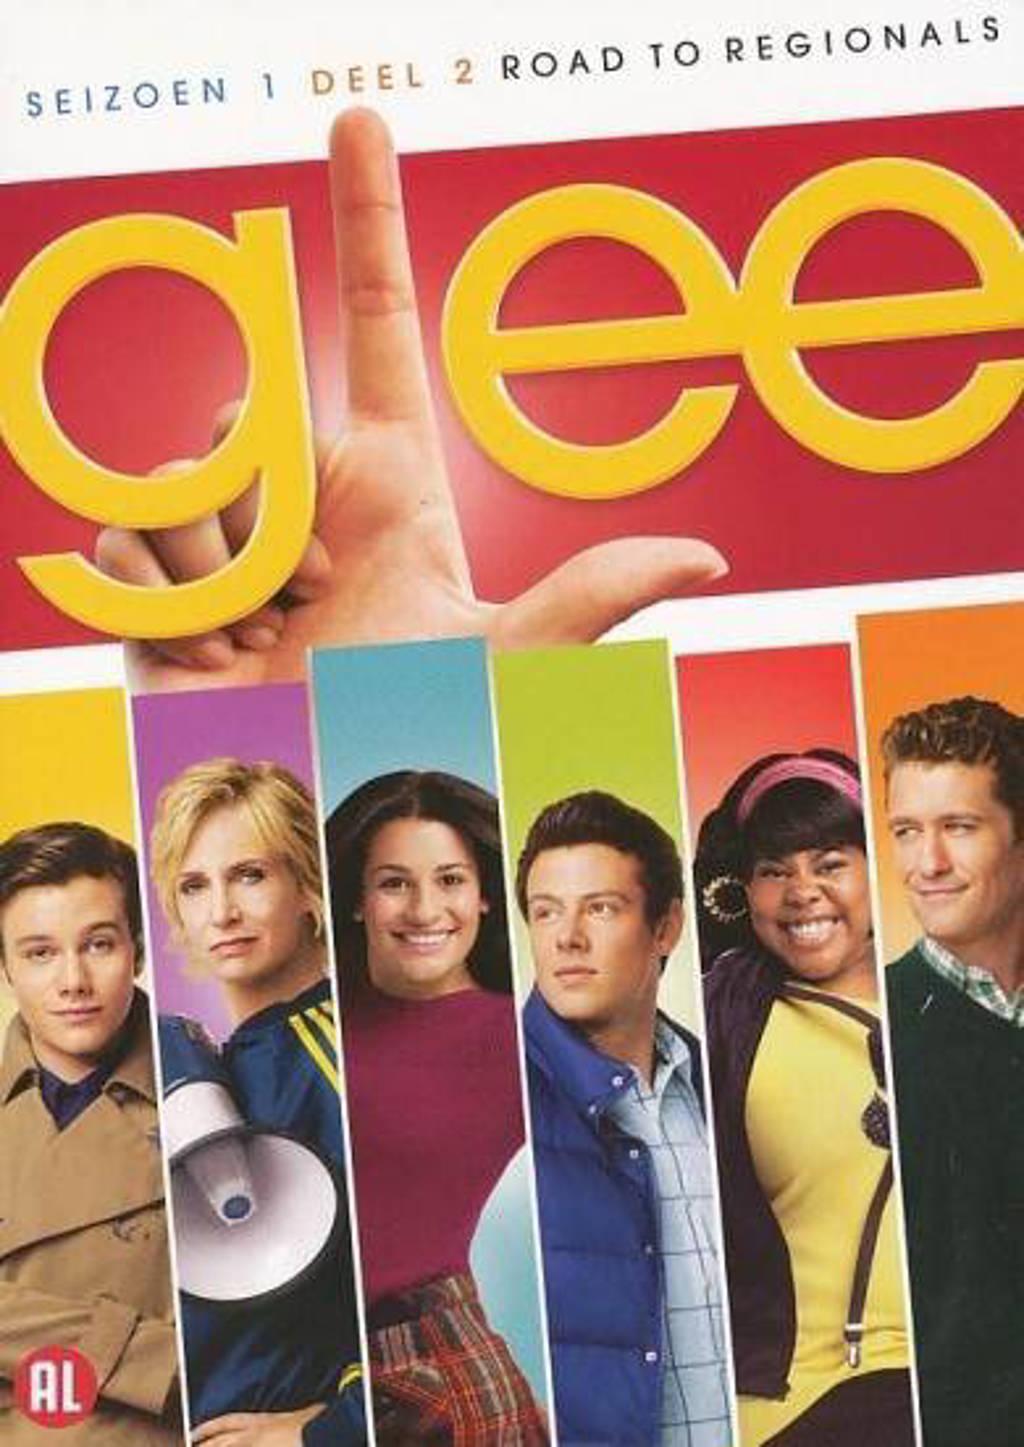 Glee - Seizoen 1 deel 2 (DVD)